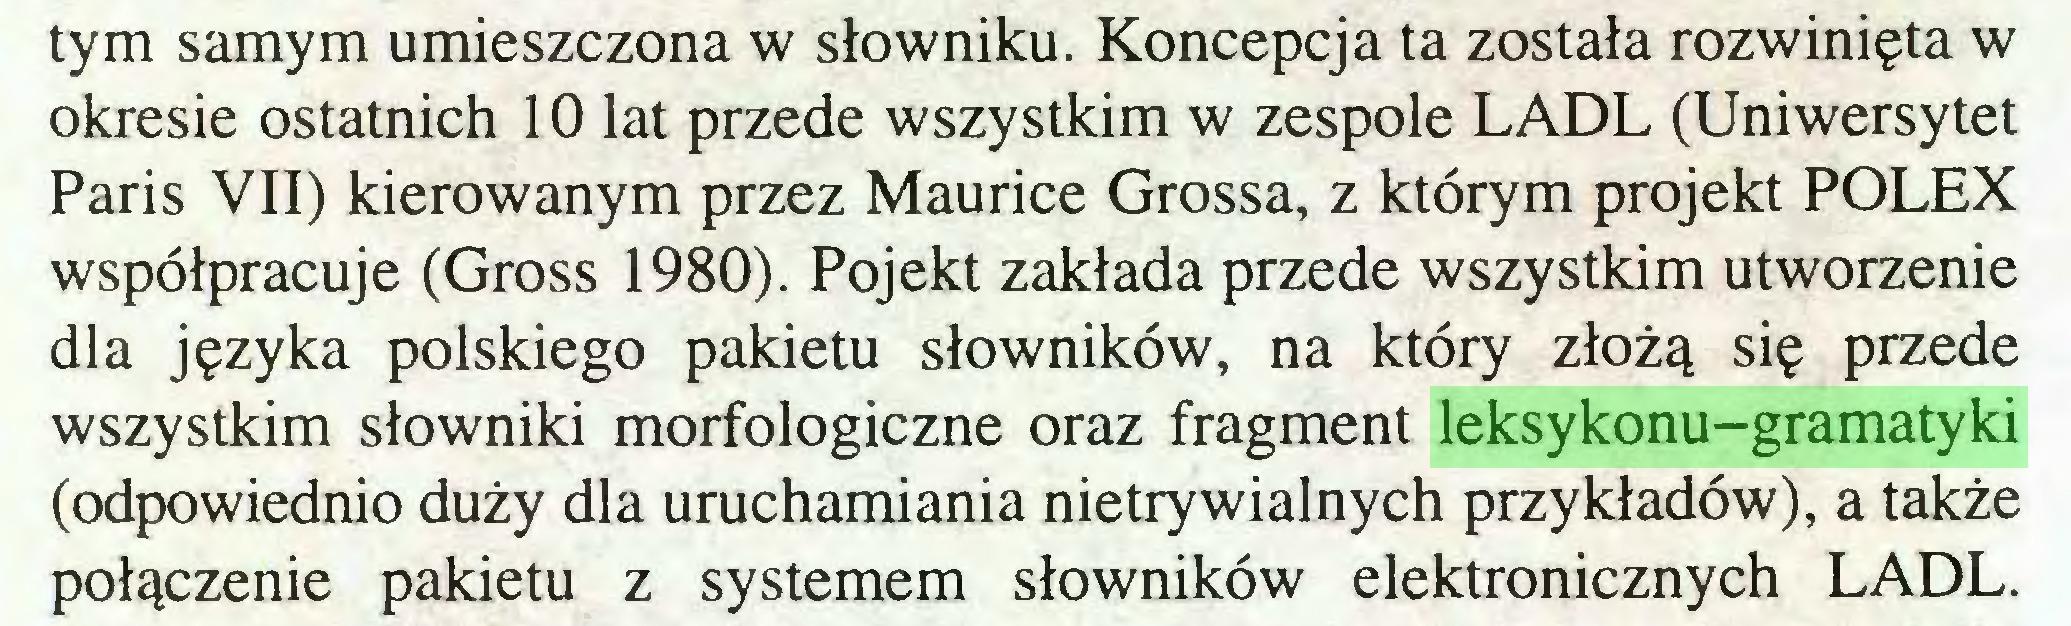 (...) tym samym umieszczona w słowniku. Koncepcja ta została rozwinięta w okresie ostatnich 10 lat przede wszystkim w zespole LADL (Uniwersytet Paris VII) kierowanym przez Maurice Grossa, z którym projekt POLEX współpracuje (Gross 1980). Pojekt zakłada przede wszystkim utworzenie dla języka polskiego pakietu słowników, na który złożą się przede wszystkim słowniki morfologiczne oraz fragment leksykonu-gramatyki (odpowiednio duży dla uruchamiania nietrywialnych przykładów), a także połączenie pakietu z systemem słowników elektronicznych LADL...